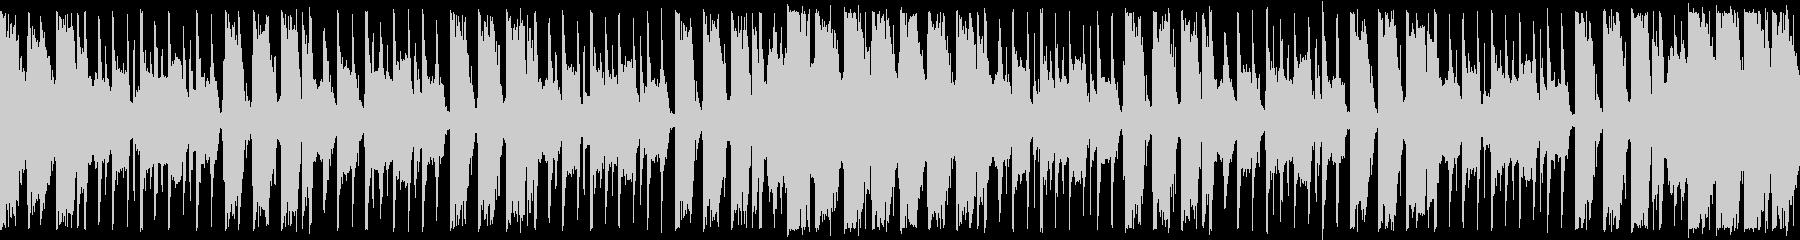 ダンスエクササイズBPM110:ショートの未再生の波形